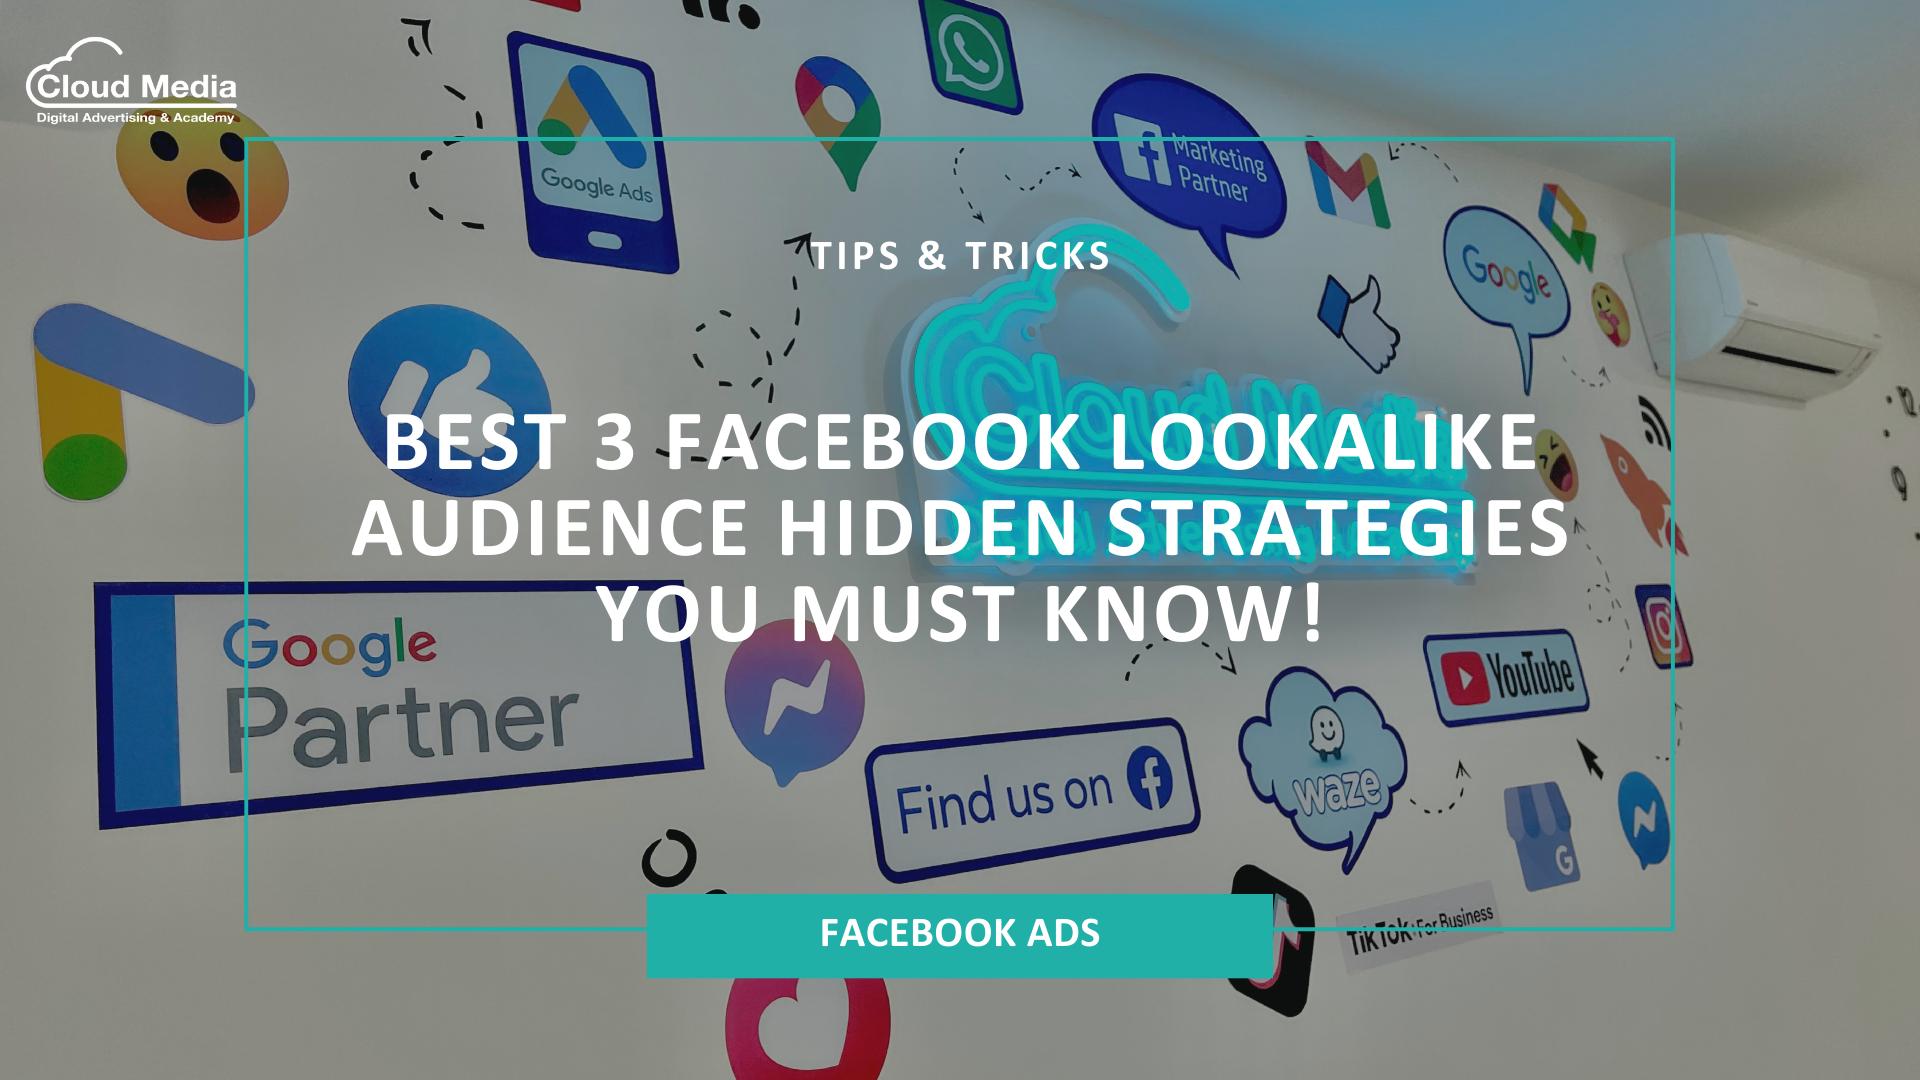 Best 3 Facebook Lookalike Audience Hidden Strategies You Must Know!